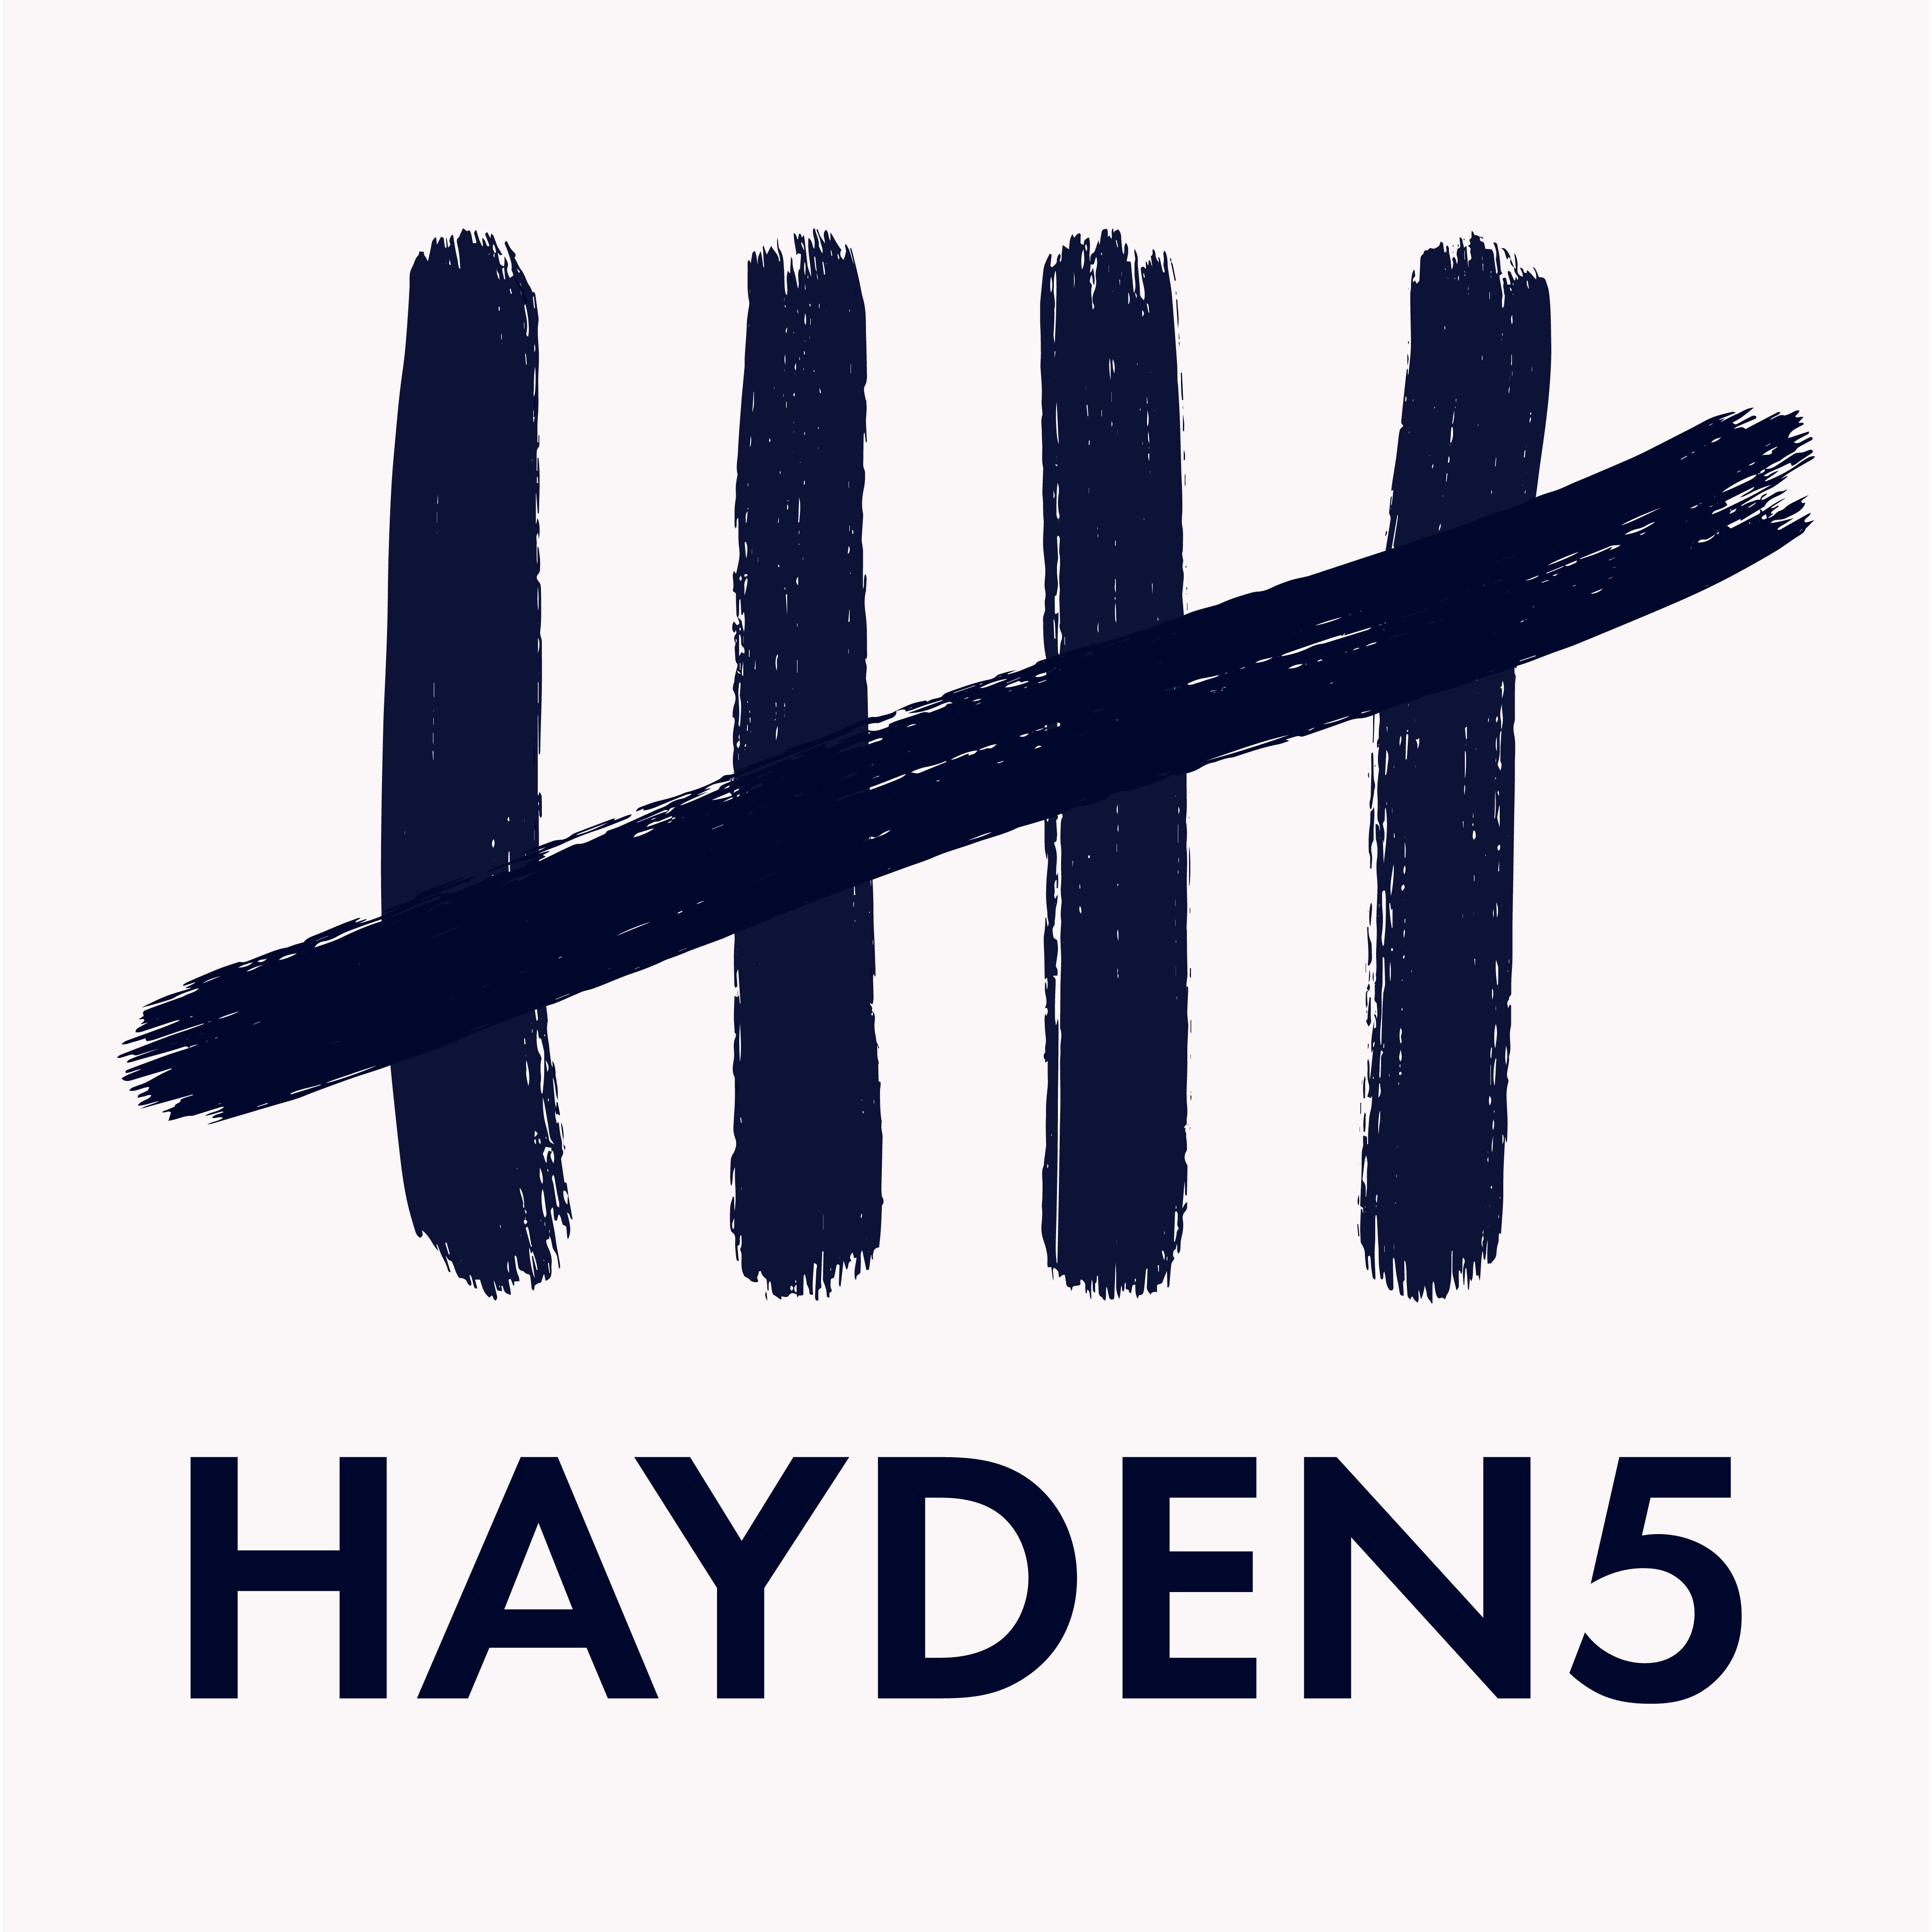 Hayden5